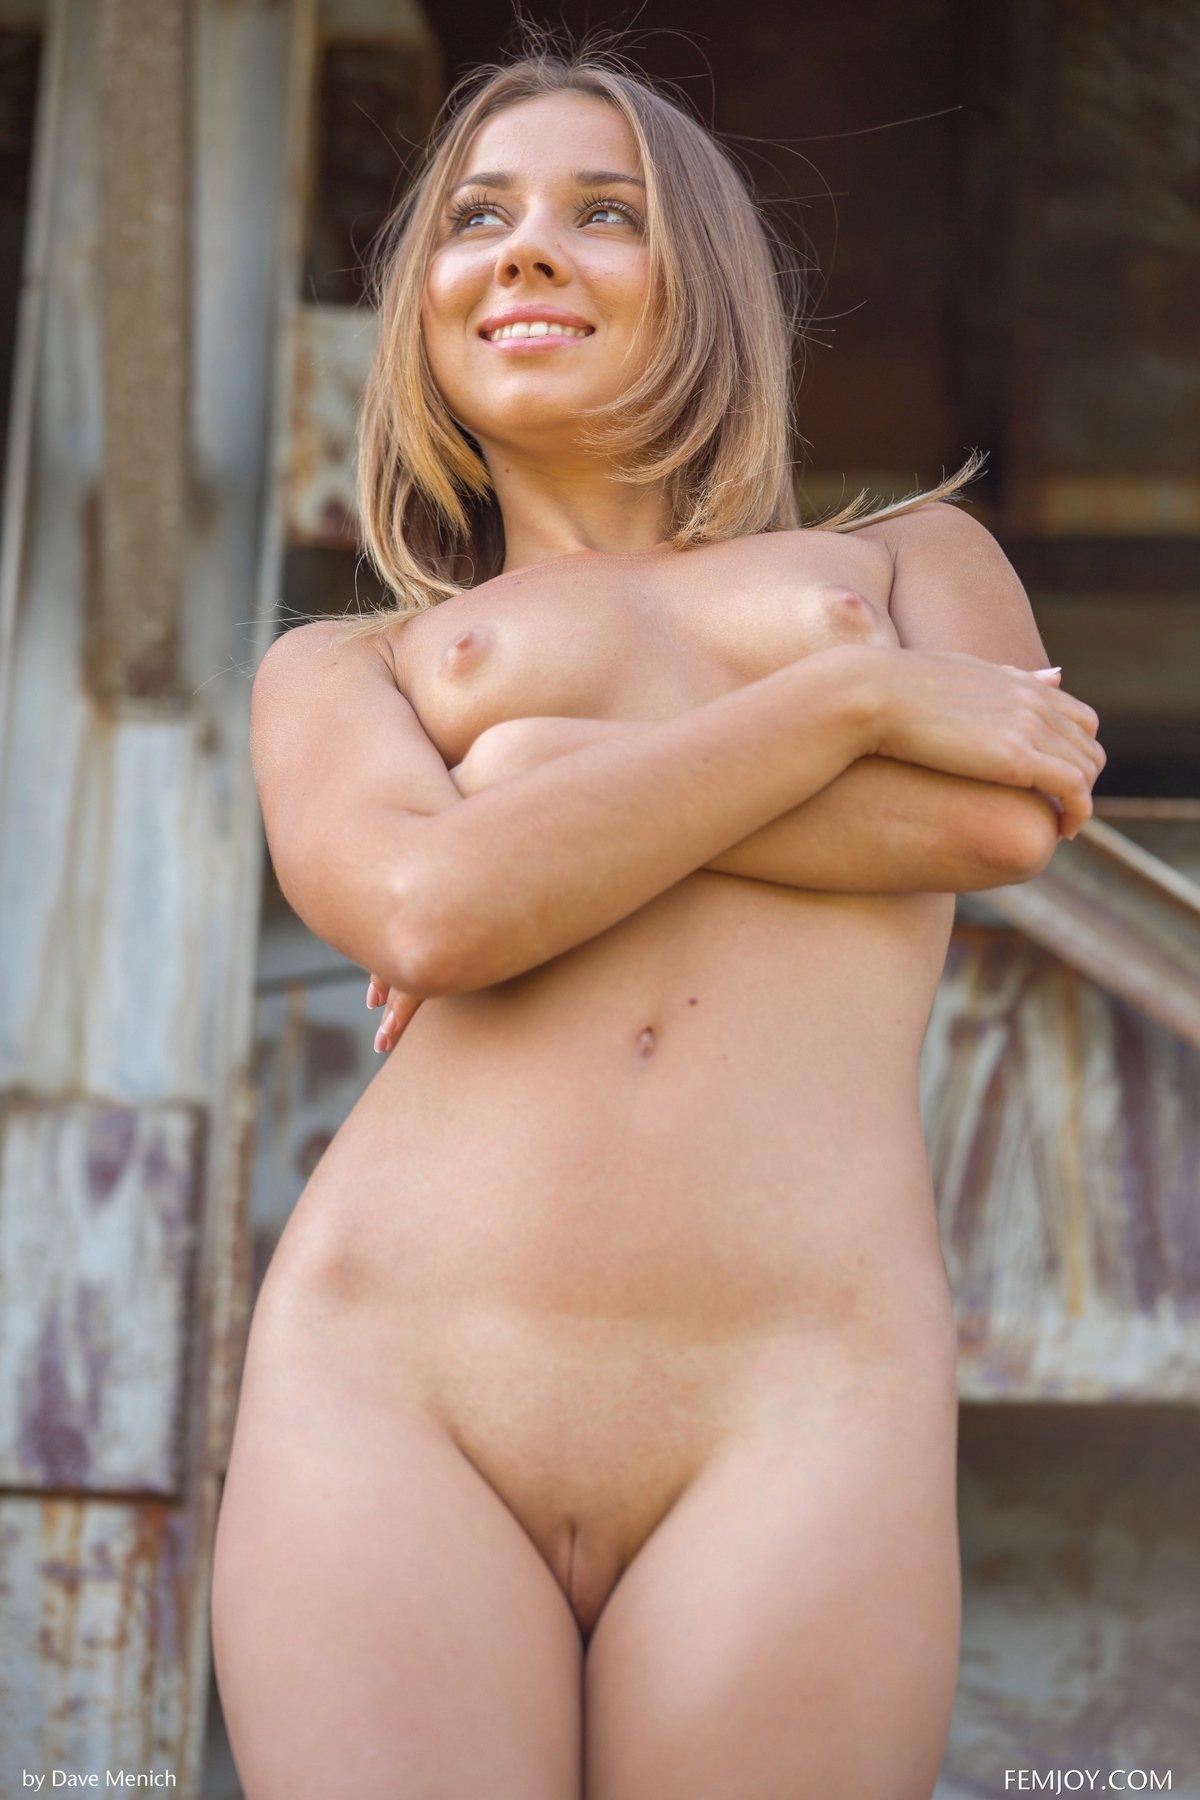 голая девушка смотреть бесплатно